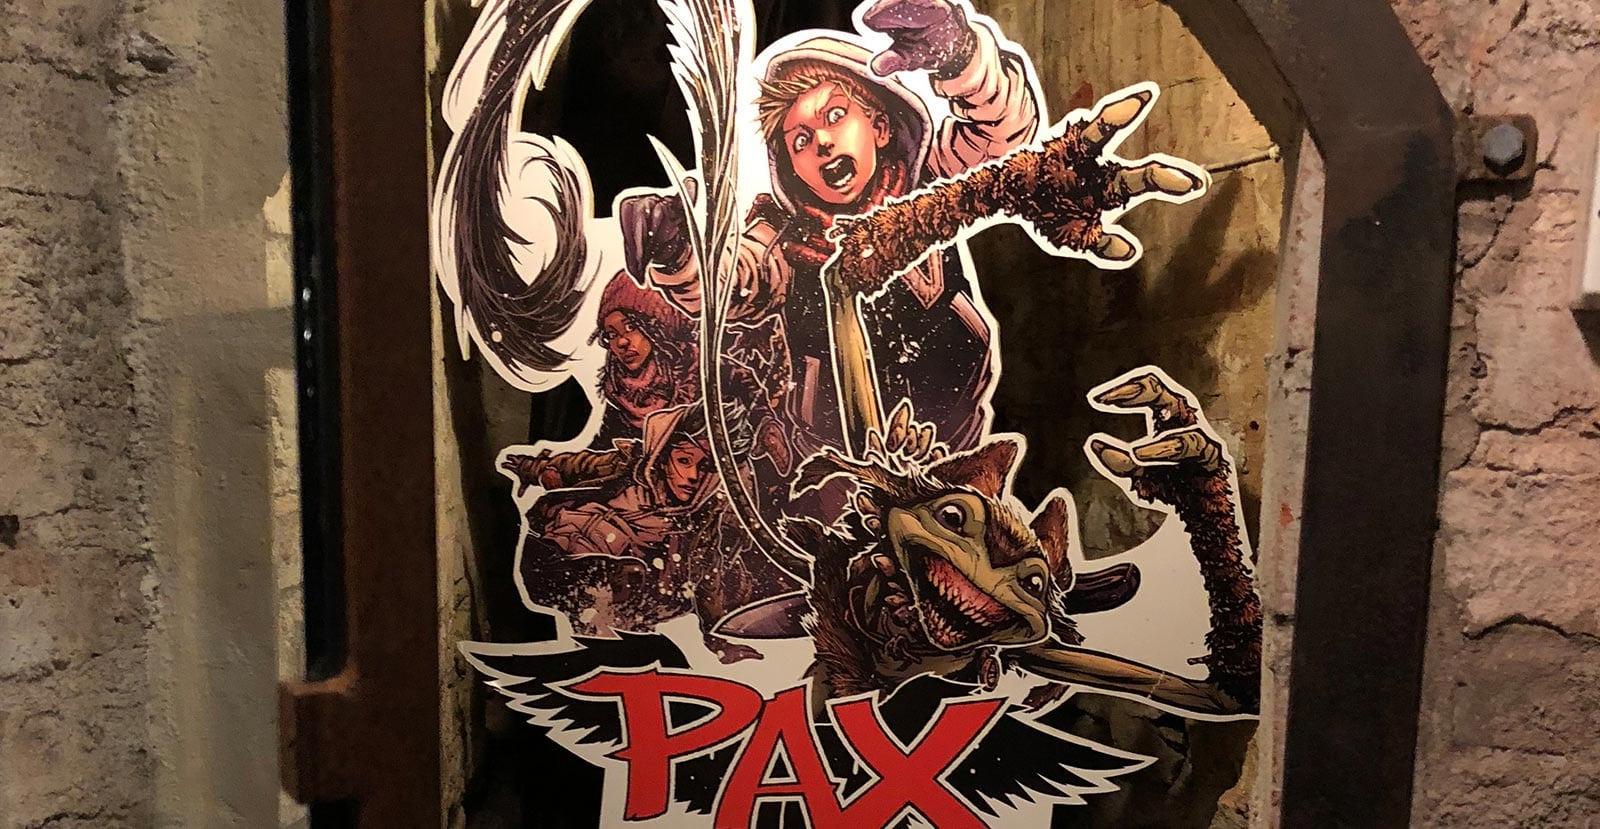 Pax bokserie utspelar sig bland annat på Gripsholms Värdshus i Mariefred